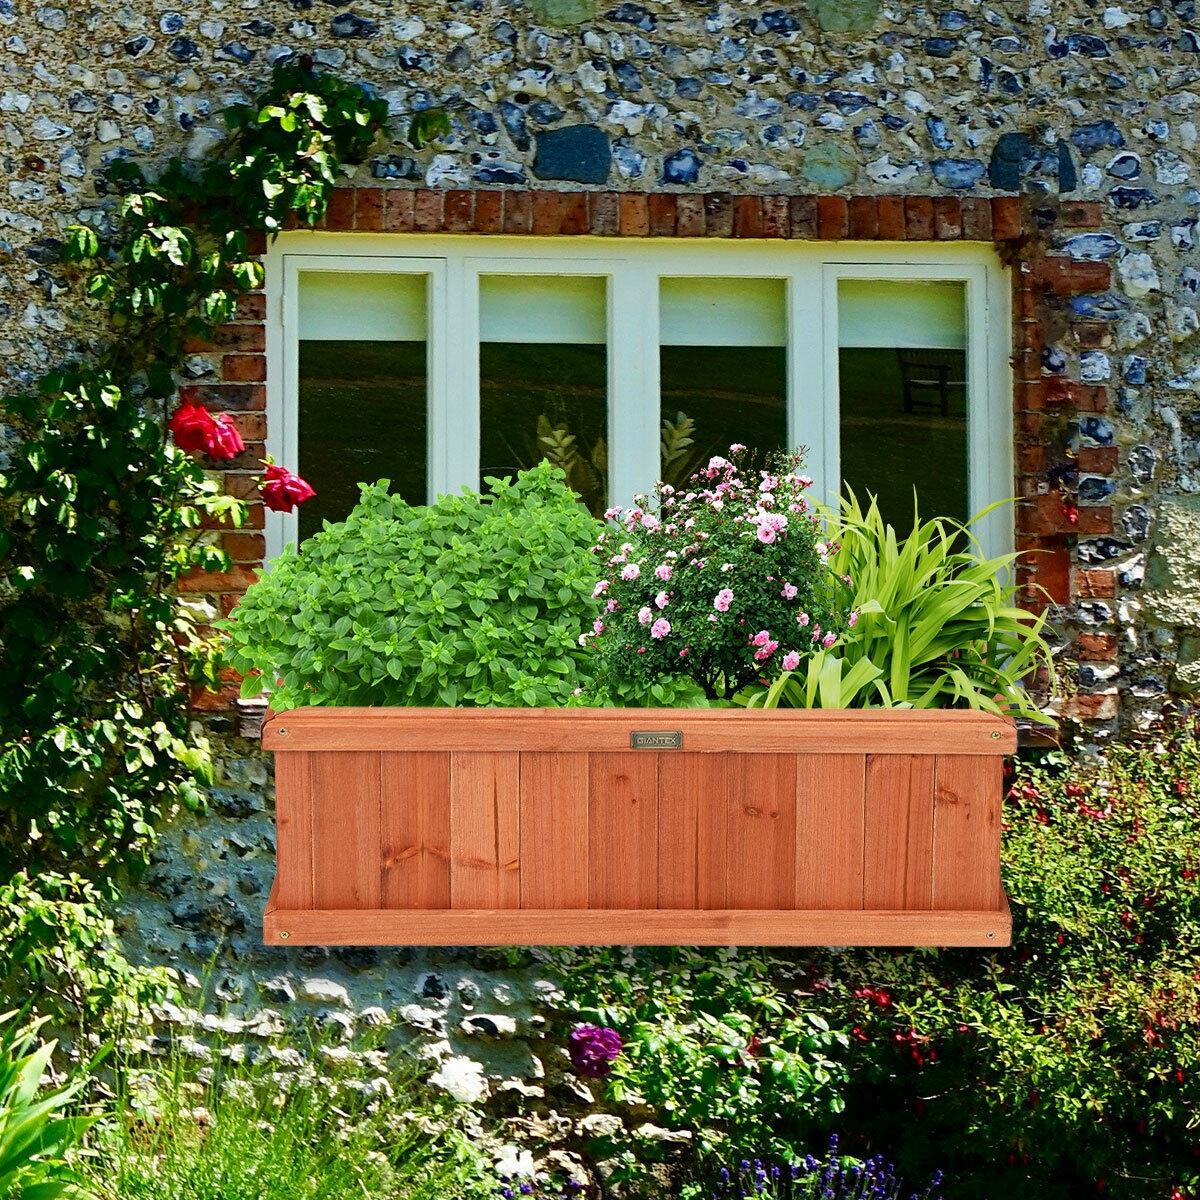 28 Inch Wooden Flower Planter Box Garden Yard Decorative Window Box